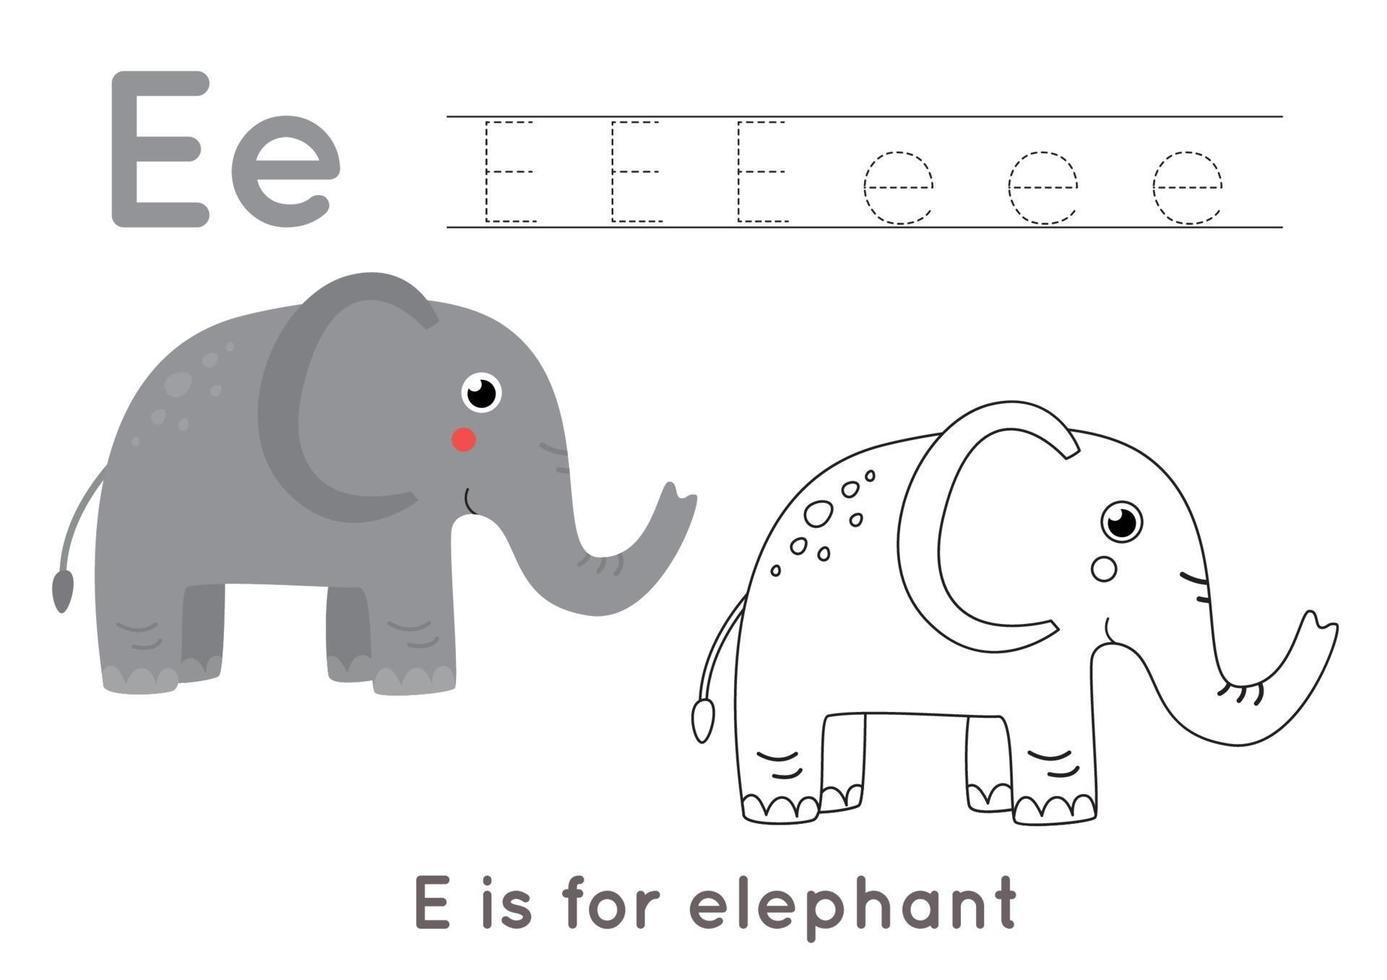 pagina da colorare e tracciare con la lettera e e un elefante simpatico cartone animato. vettore